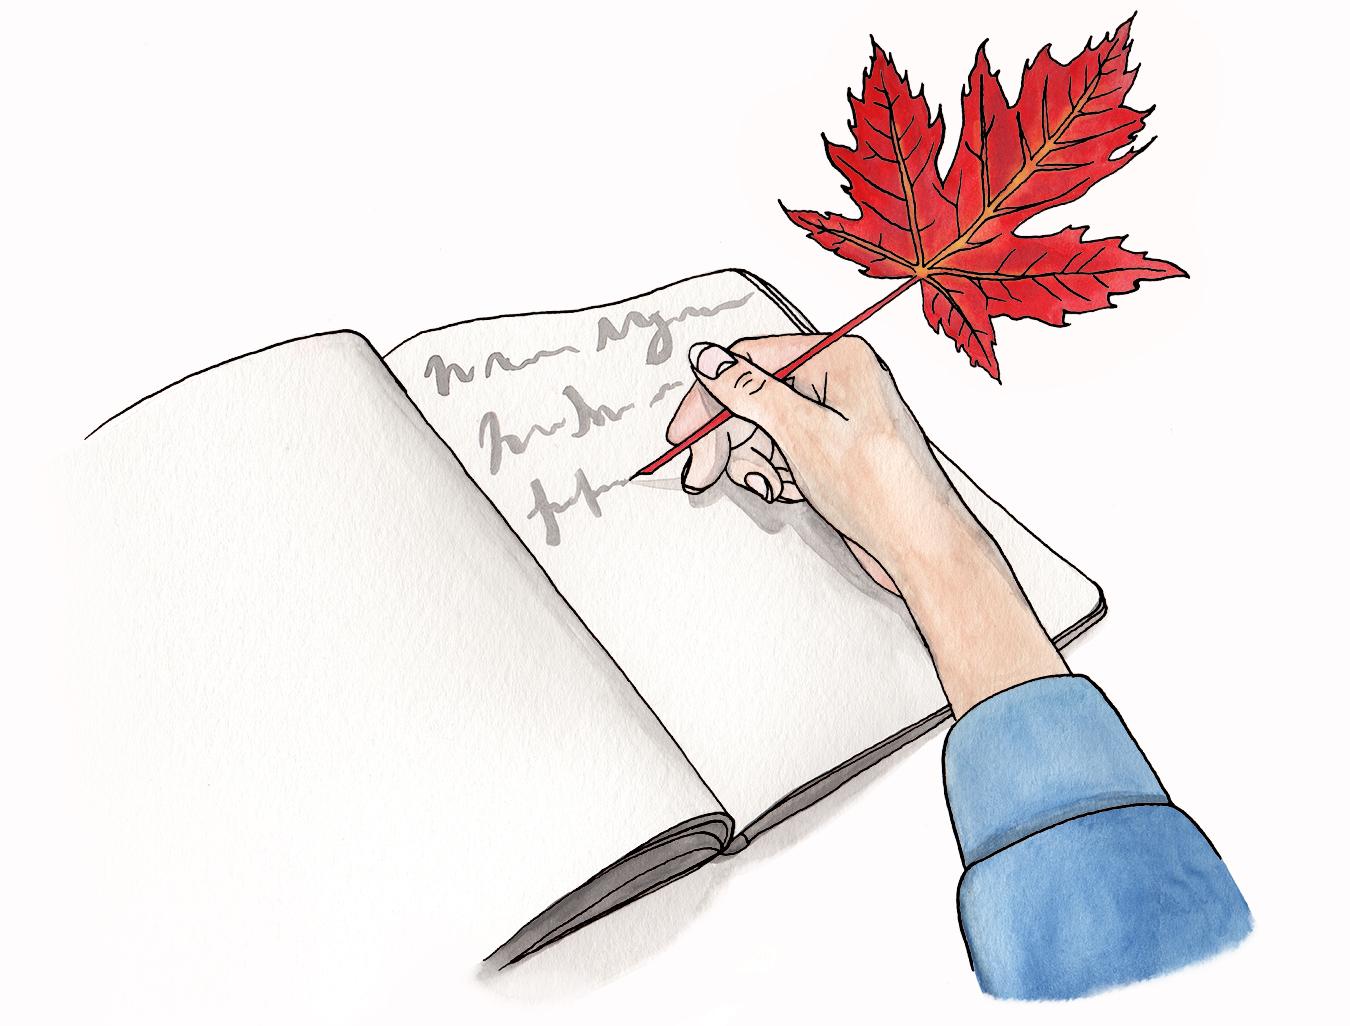 Daily Edit, Canada, Poets Laureate, Poetry